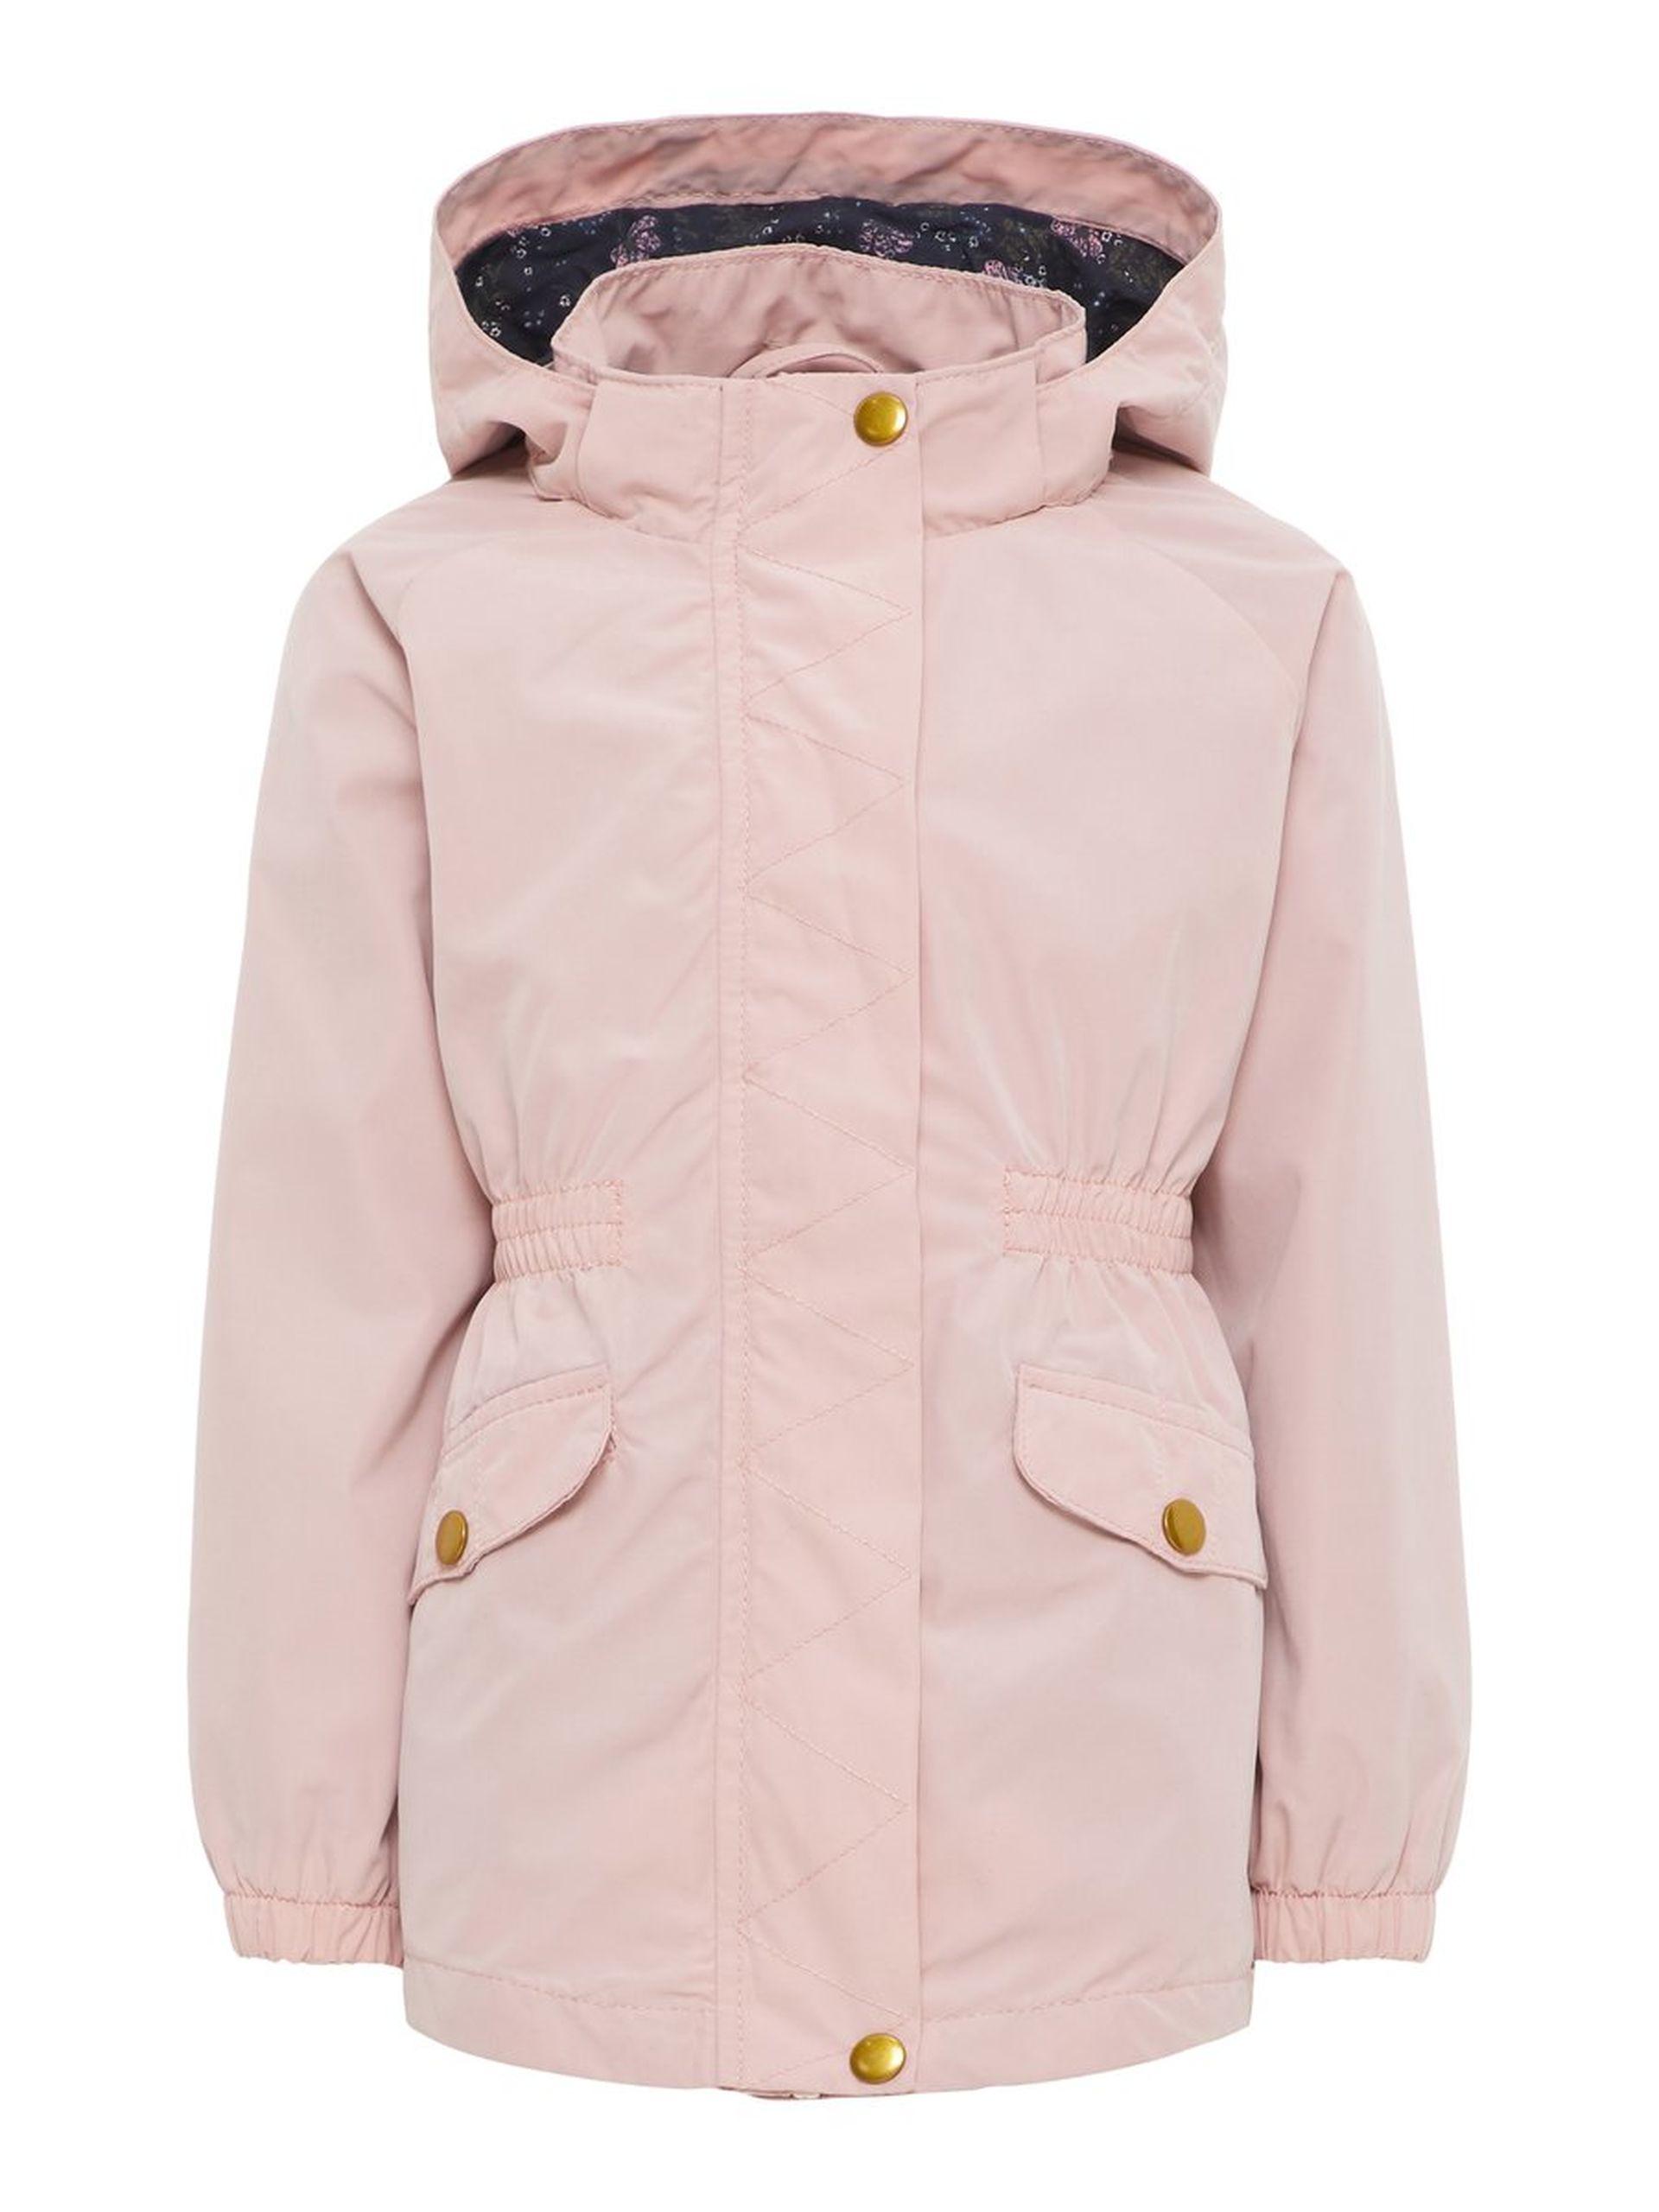 47fd150d Name It vårjakke rosa, tynn jakke til vår og høst. Yttertøy og jakker.